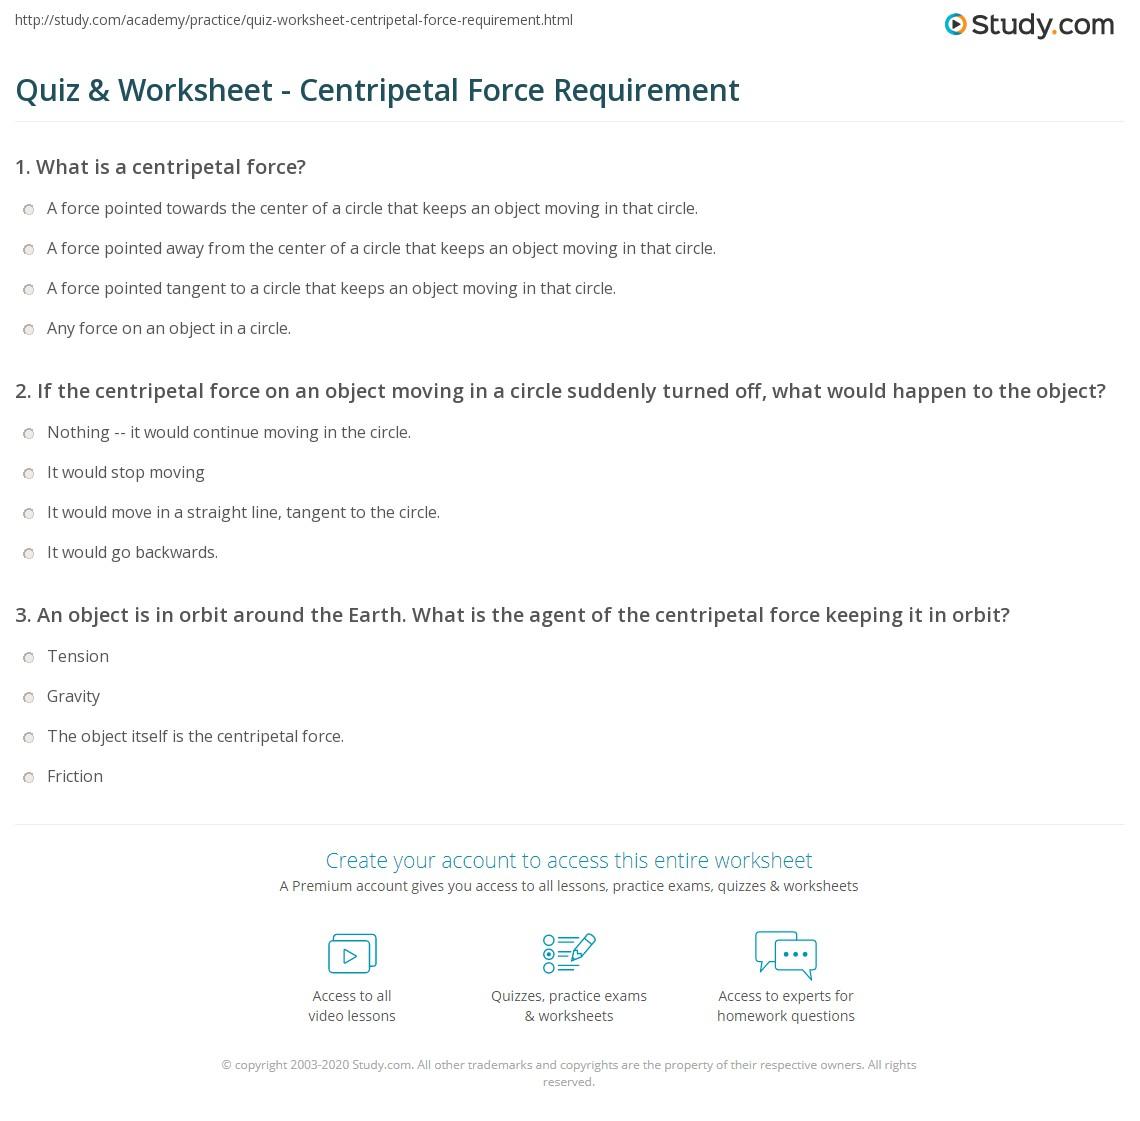 worksheet Centripetal Force Worksheet quiz worksheet centripetal force requirement study com print the definition examples problems worksheet